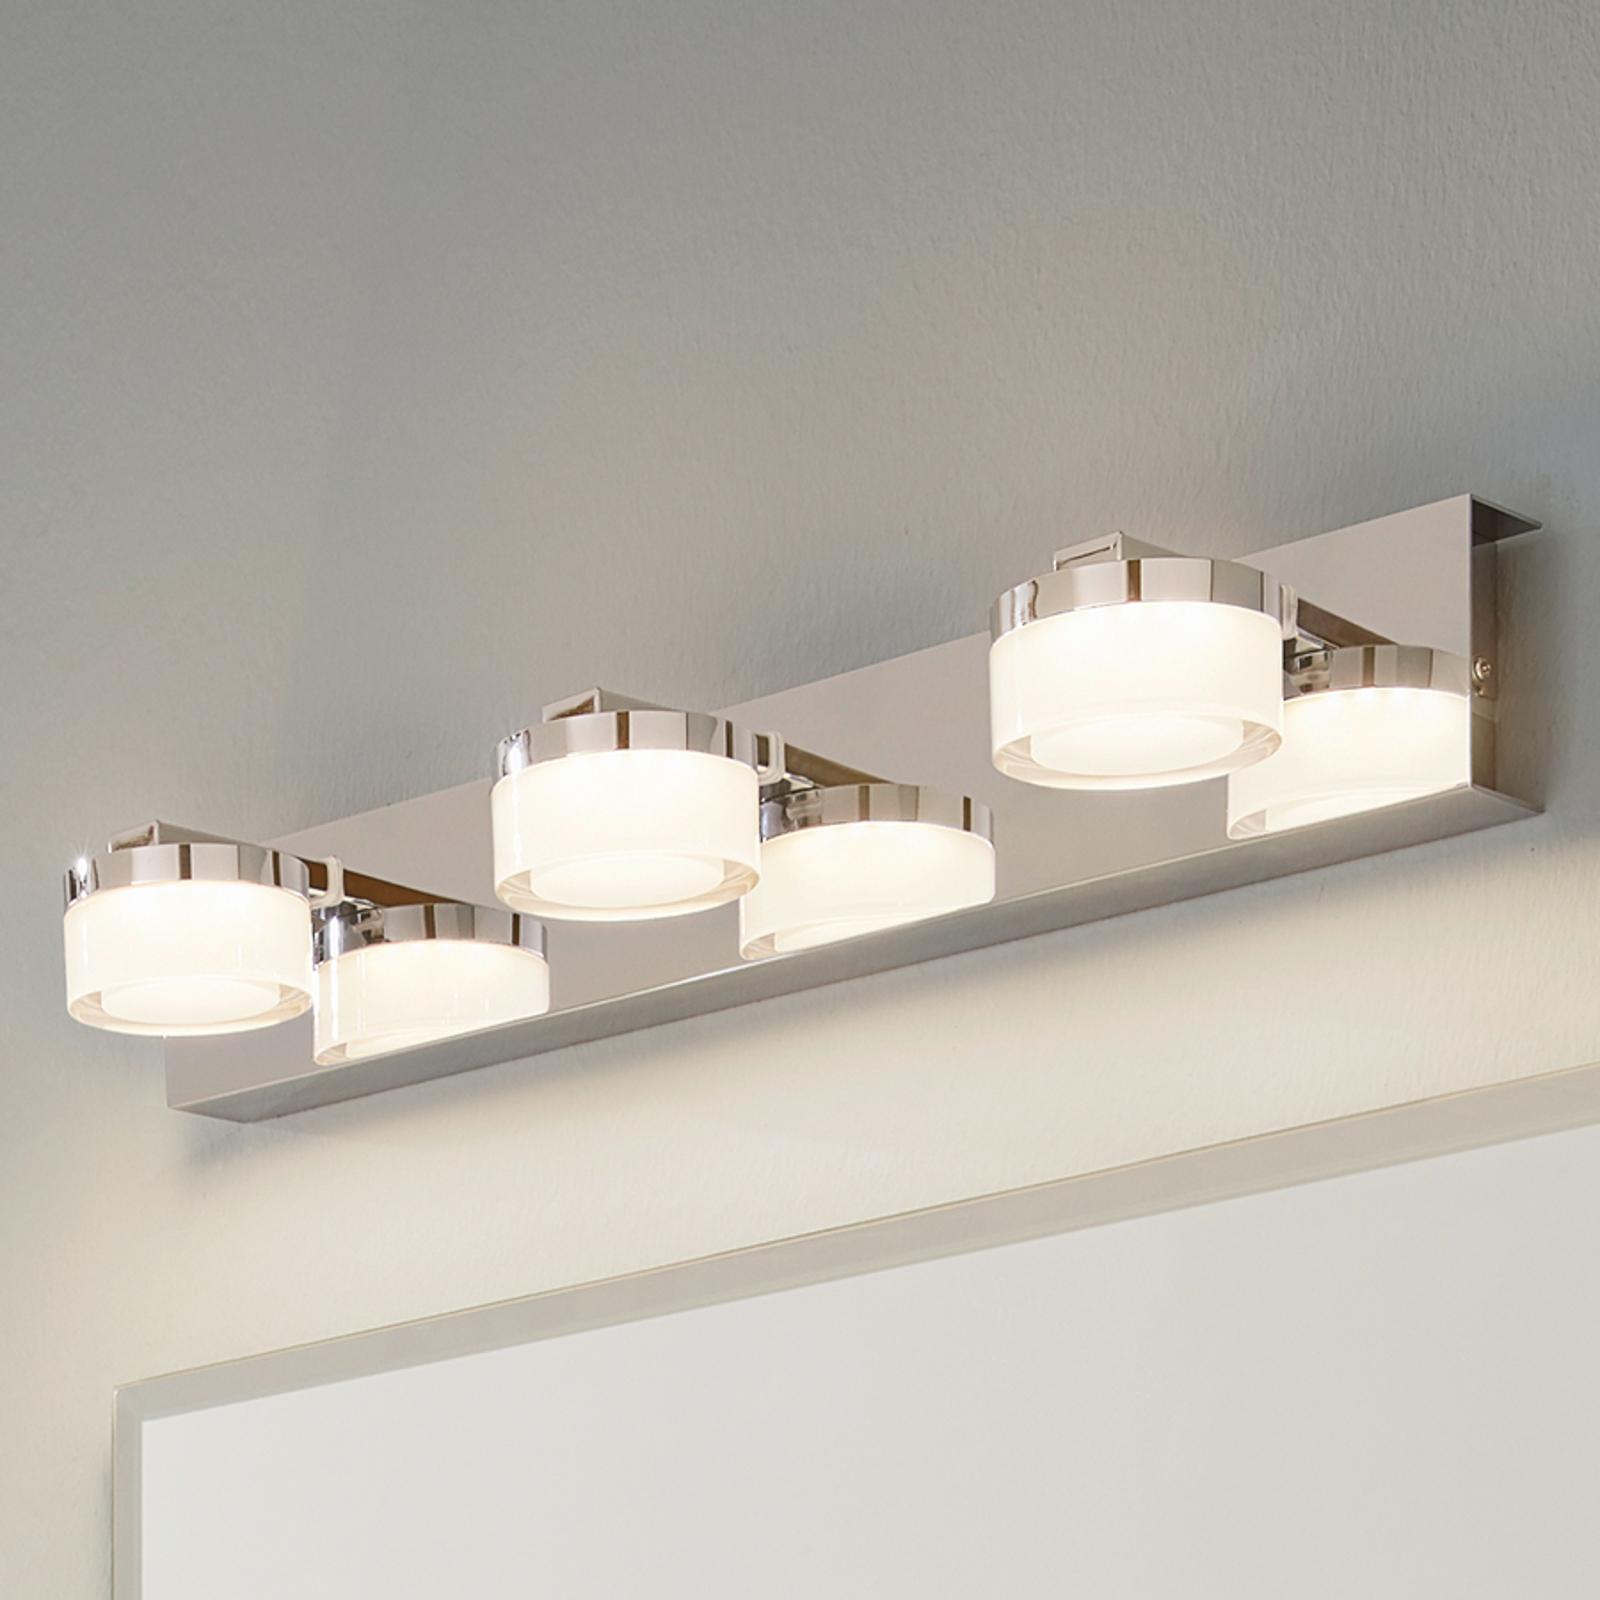 Romendo - LED speillampe med 3 lyskilder